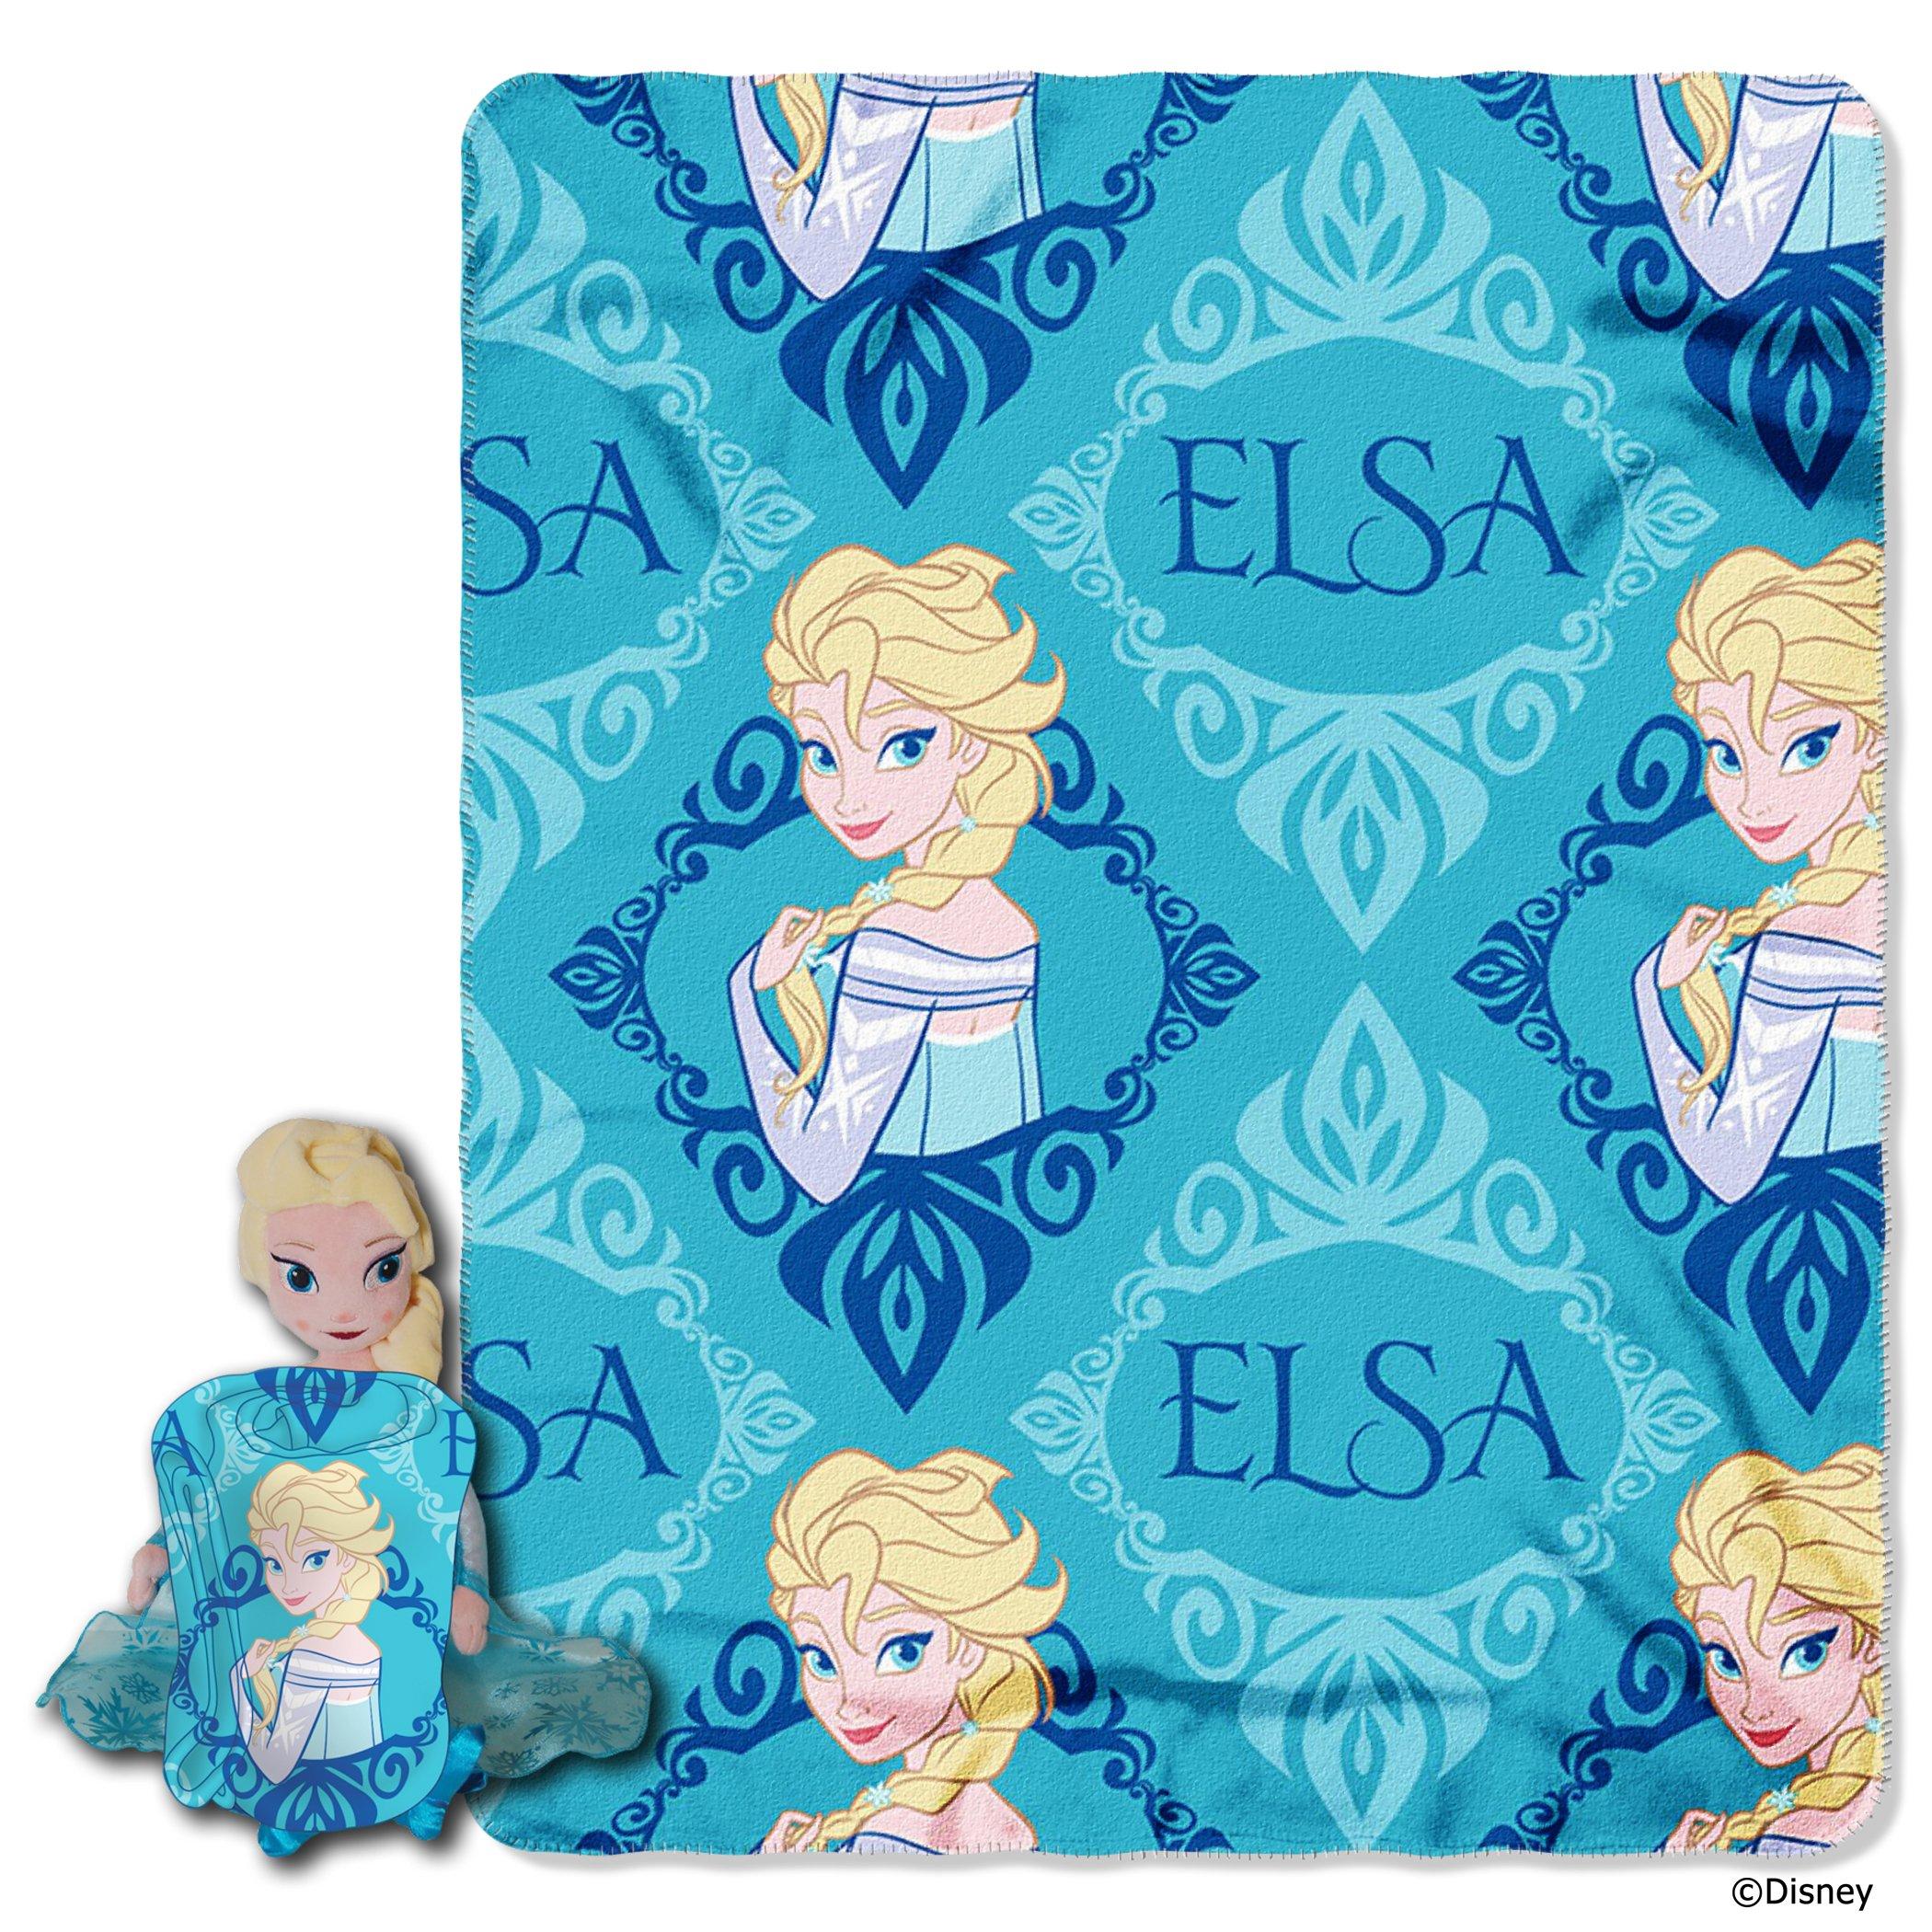 Disney's Frozen, ''Elsa'' Character Pillow and Fleece Throw Blanket Set, 40'' x 50''